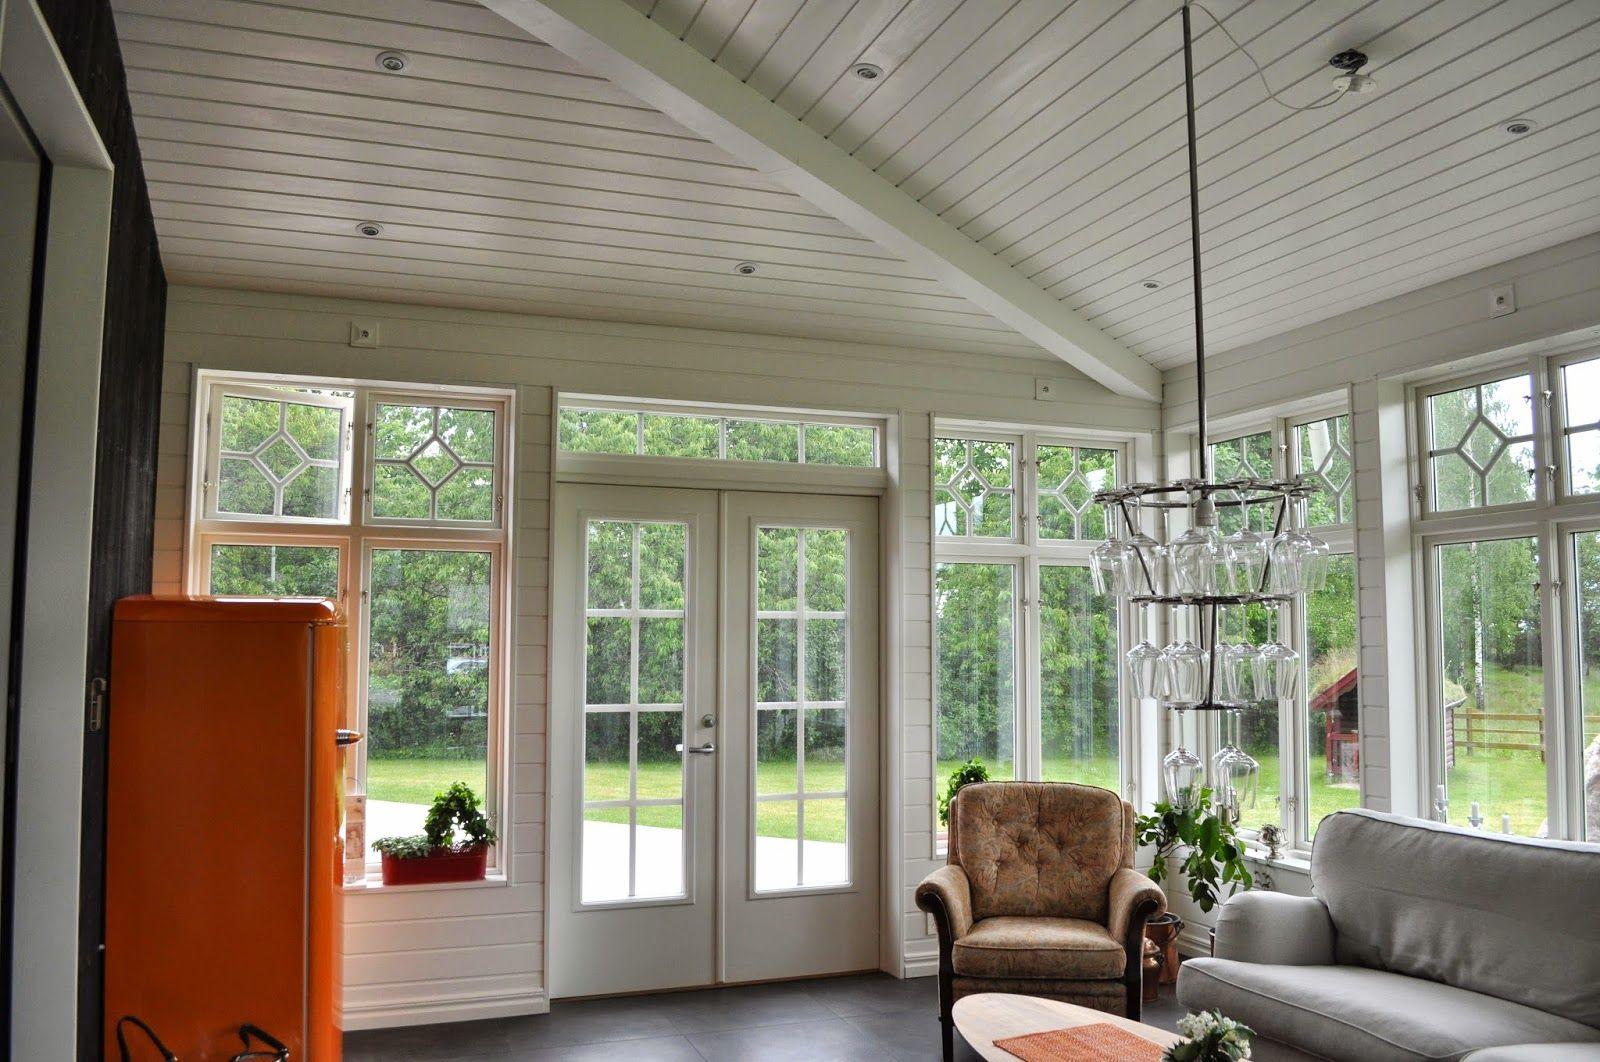 snickare, hantverkare, renovering, tillbyggnad, ombyggnad, badrum ... : fönsterbyte : Fönster